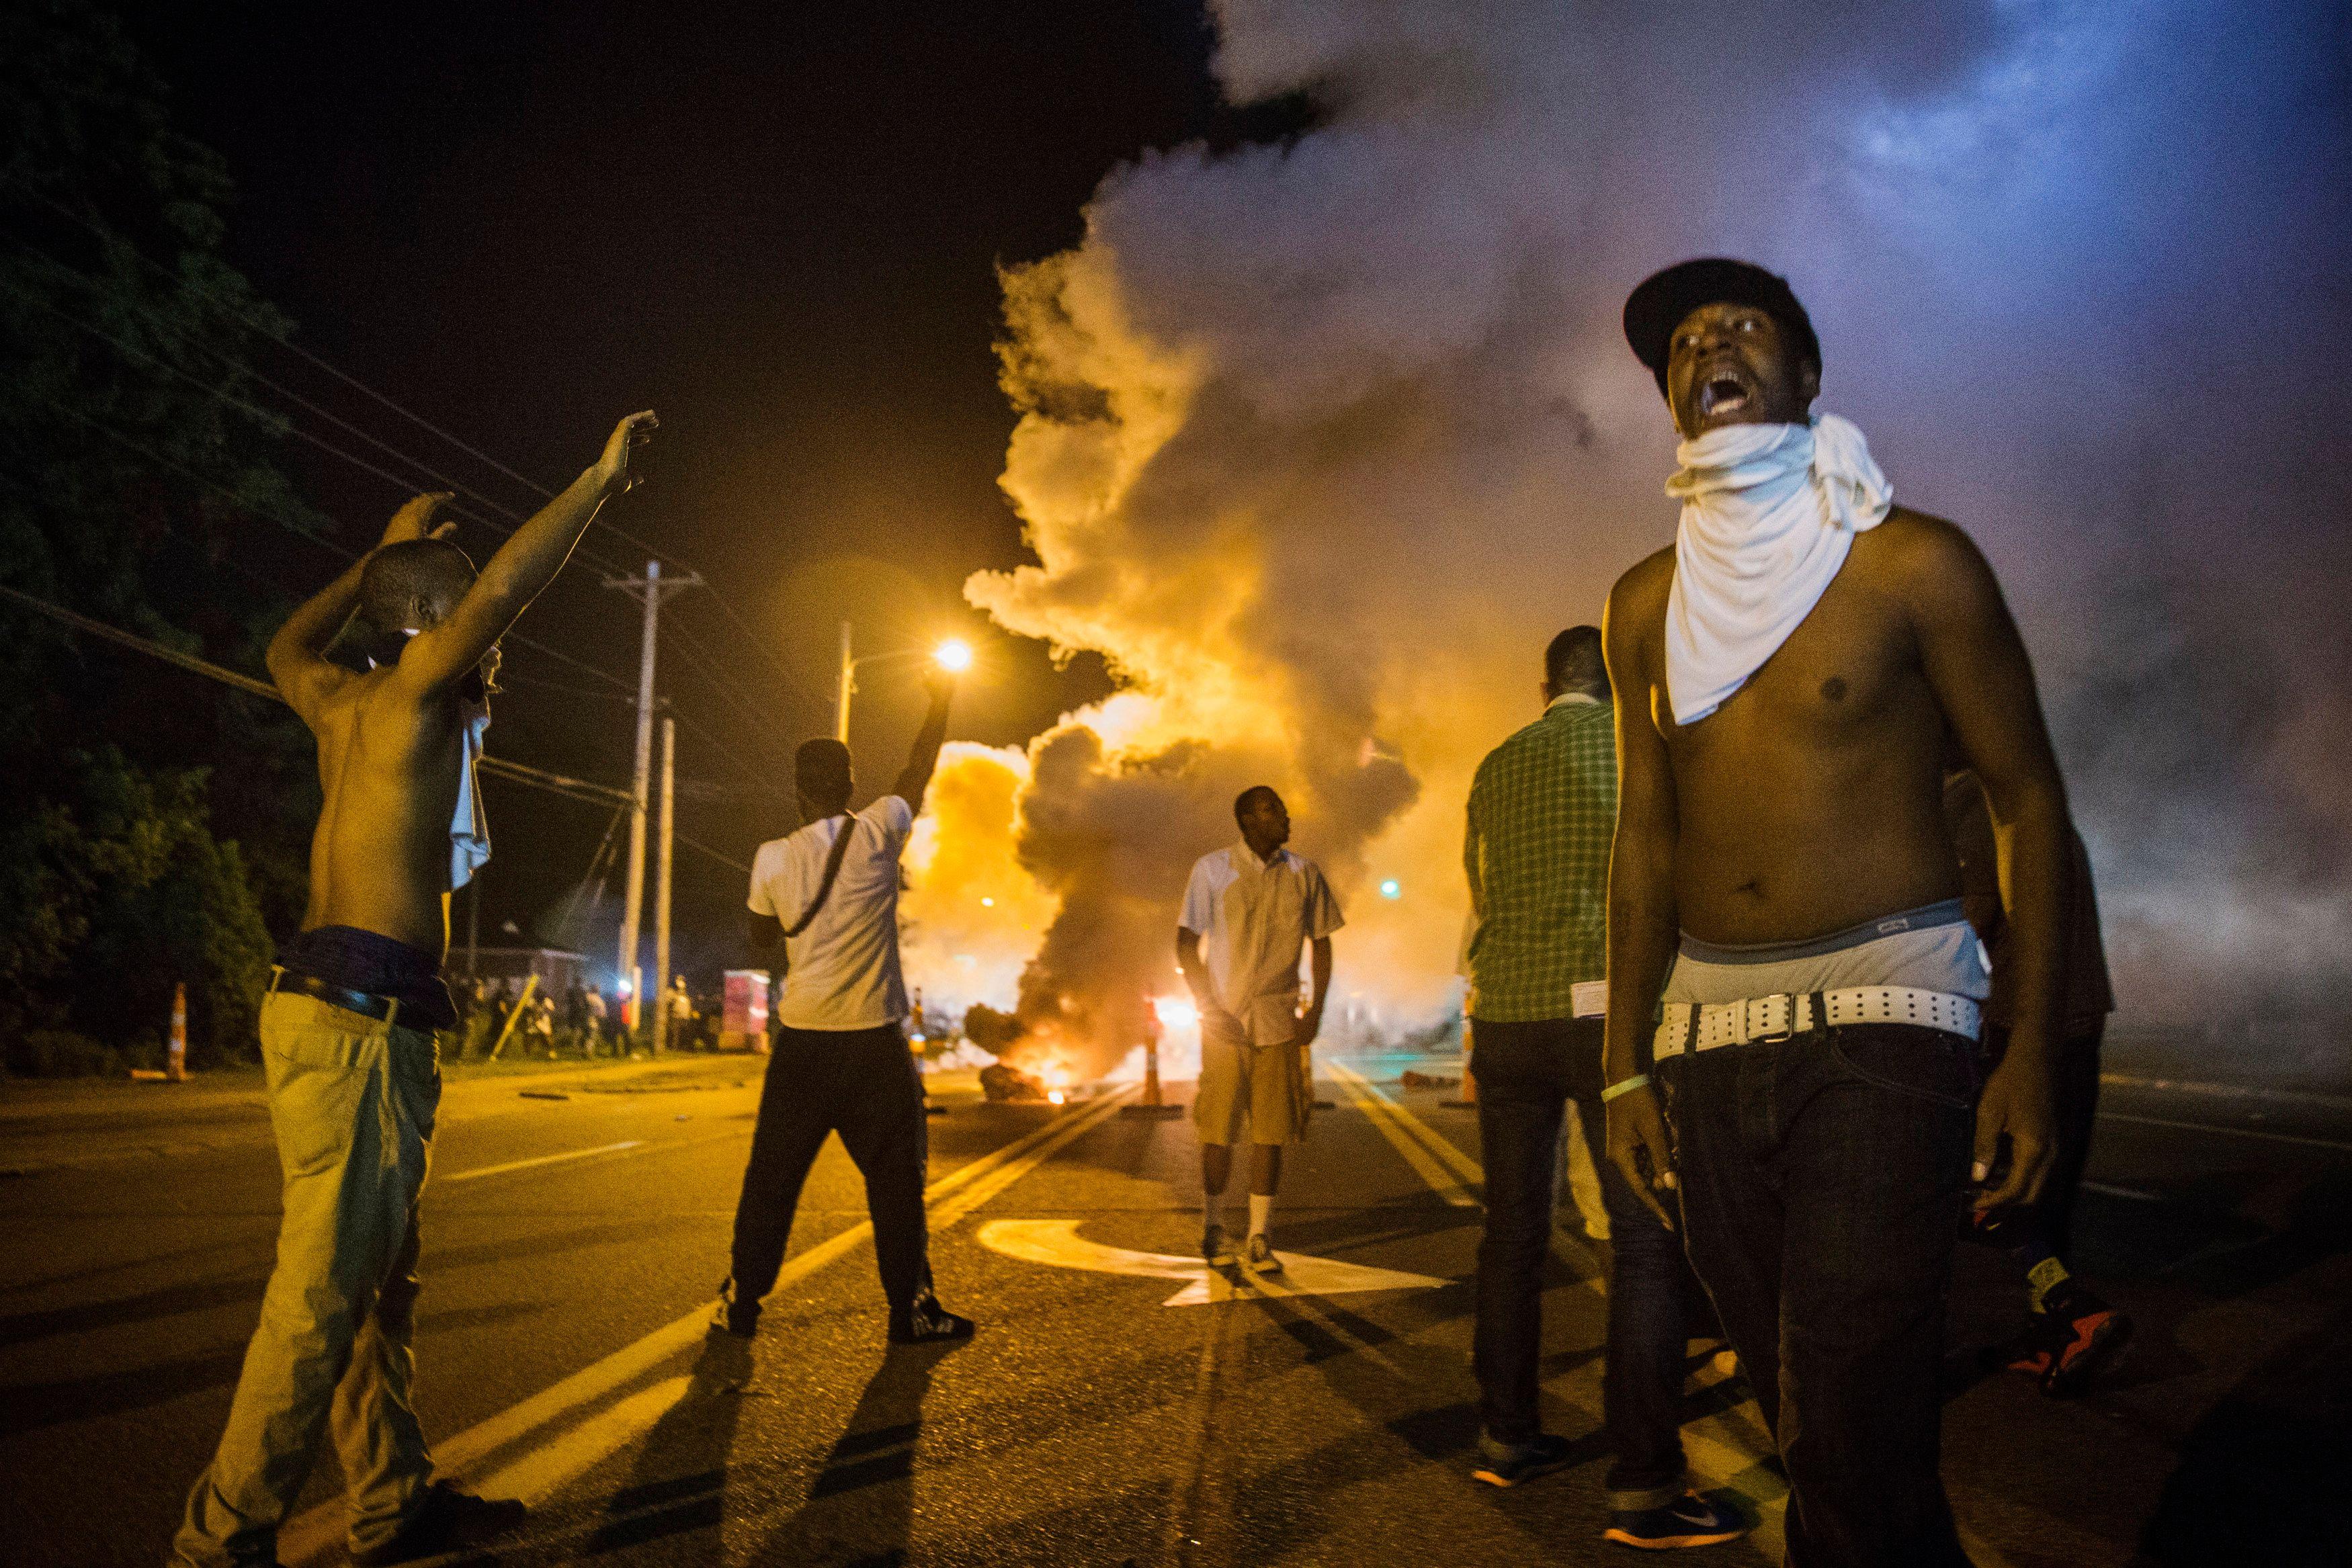 Manifestation en hommage à Michael Brown à Ferguson : des affrontements violents font un blessé